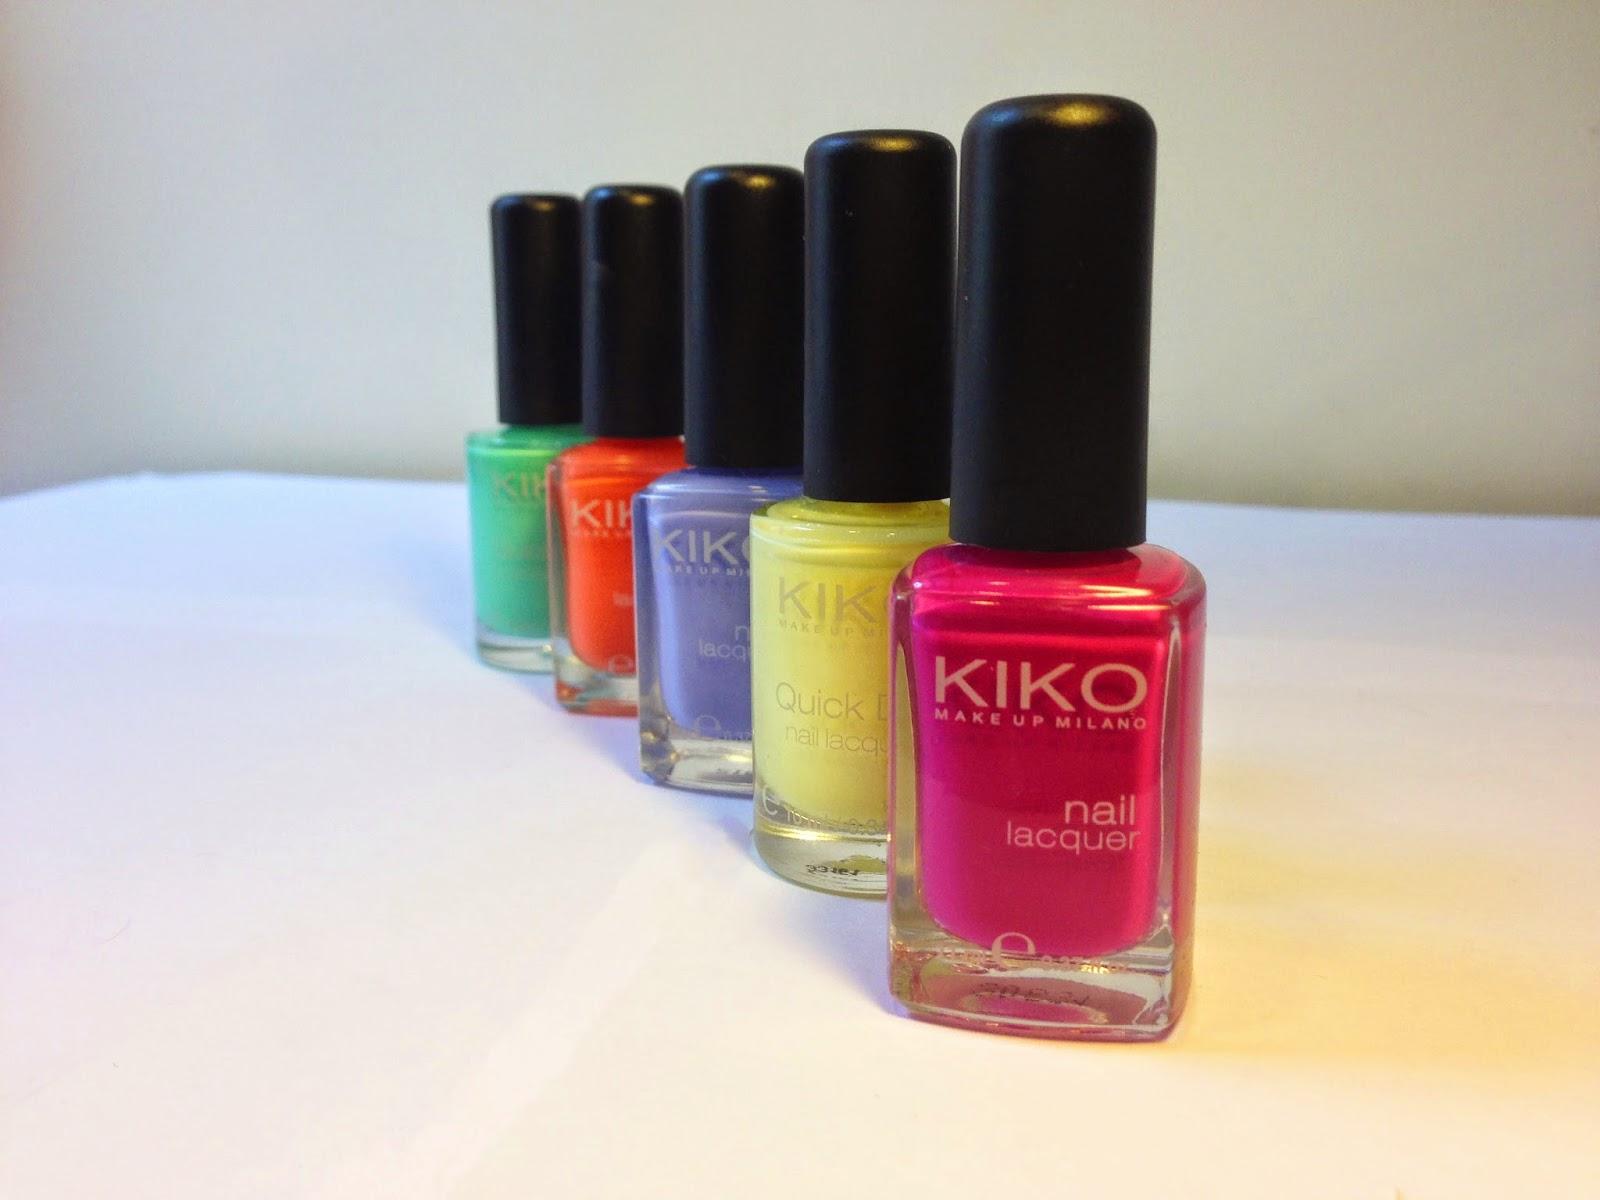 http://melodymakeupaddict.blogspot.com/2015/04/mes-5-vernis-kiko-parfait-pour-le.html